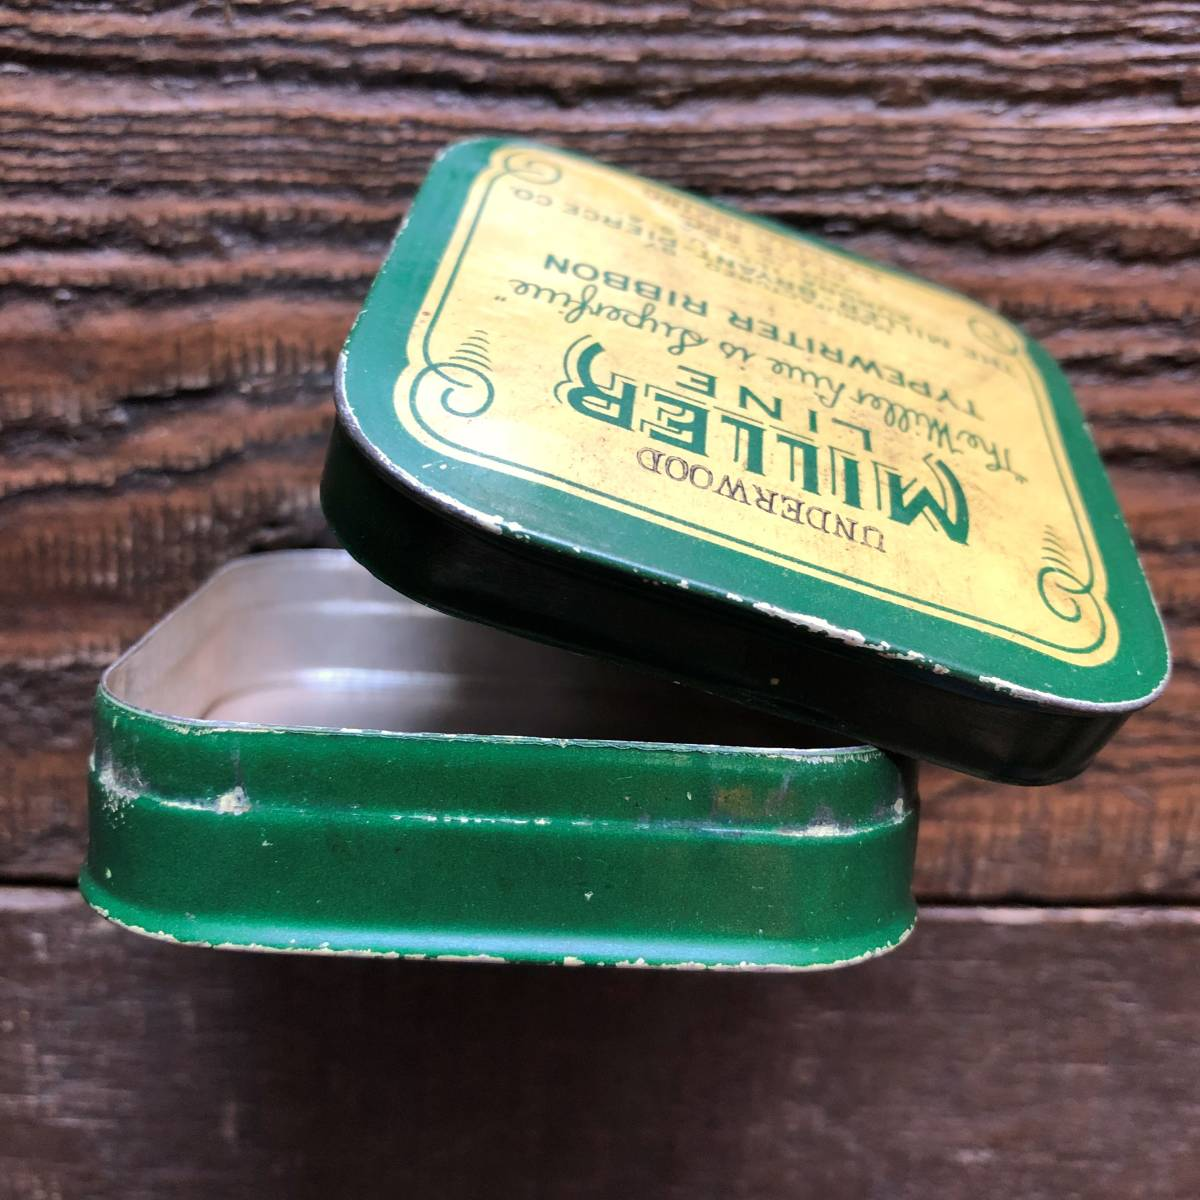 即決 ~1950s MADE IN USA タイプライターリボン ヴィンテージ缶 ケース / 小物入れ パーツ ツール アクセサリー アンティーク シャビー_画像3